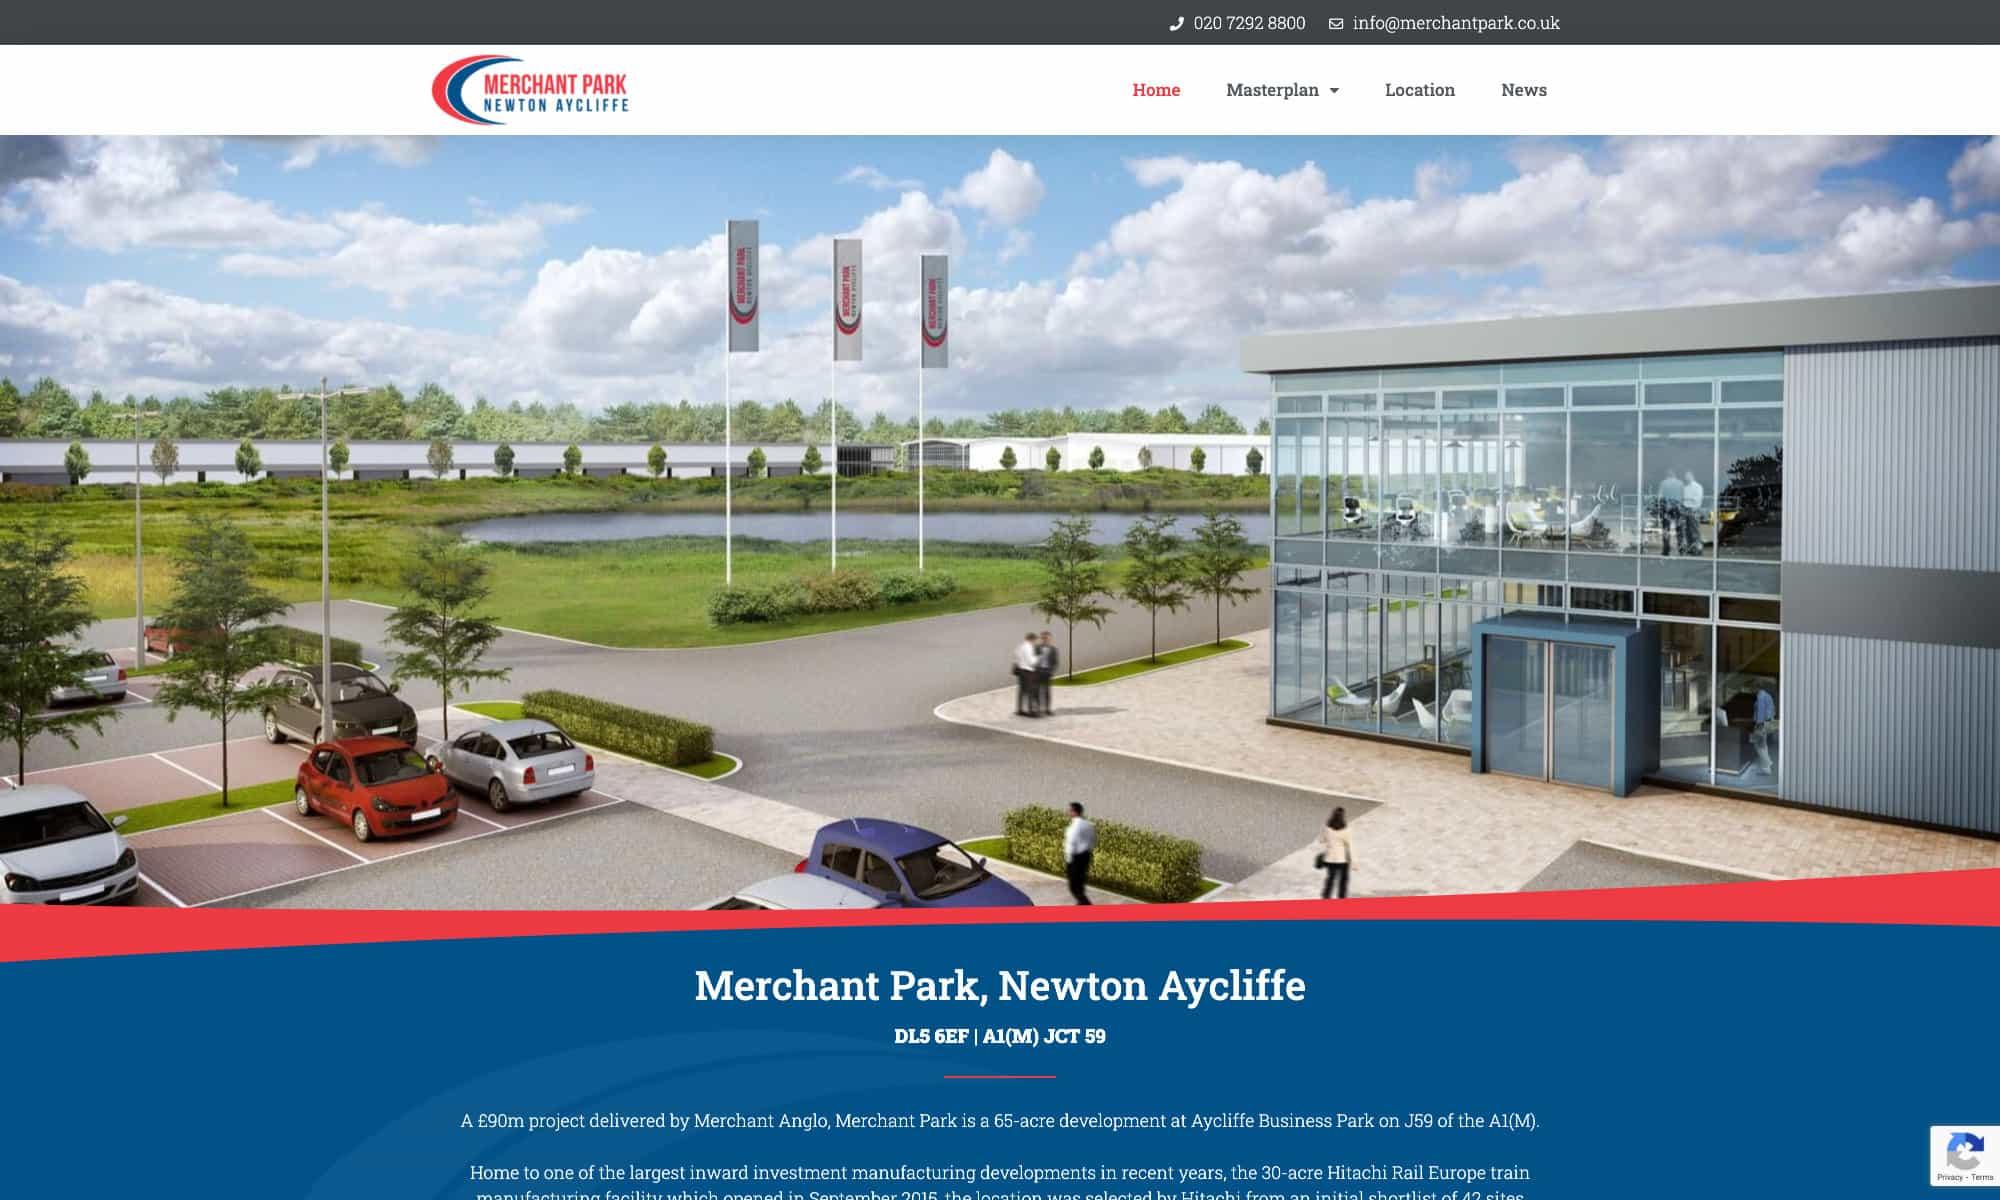 Merchant Park